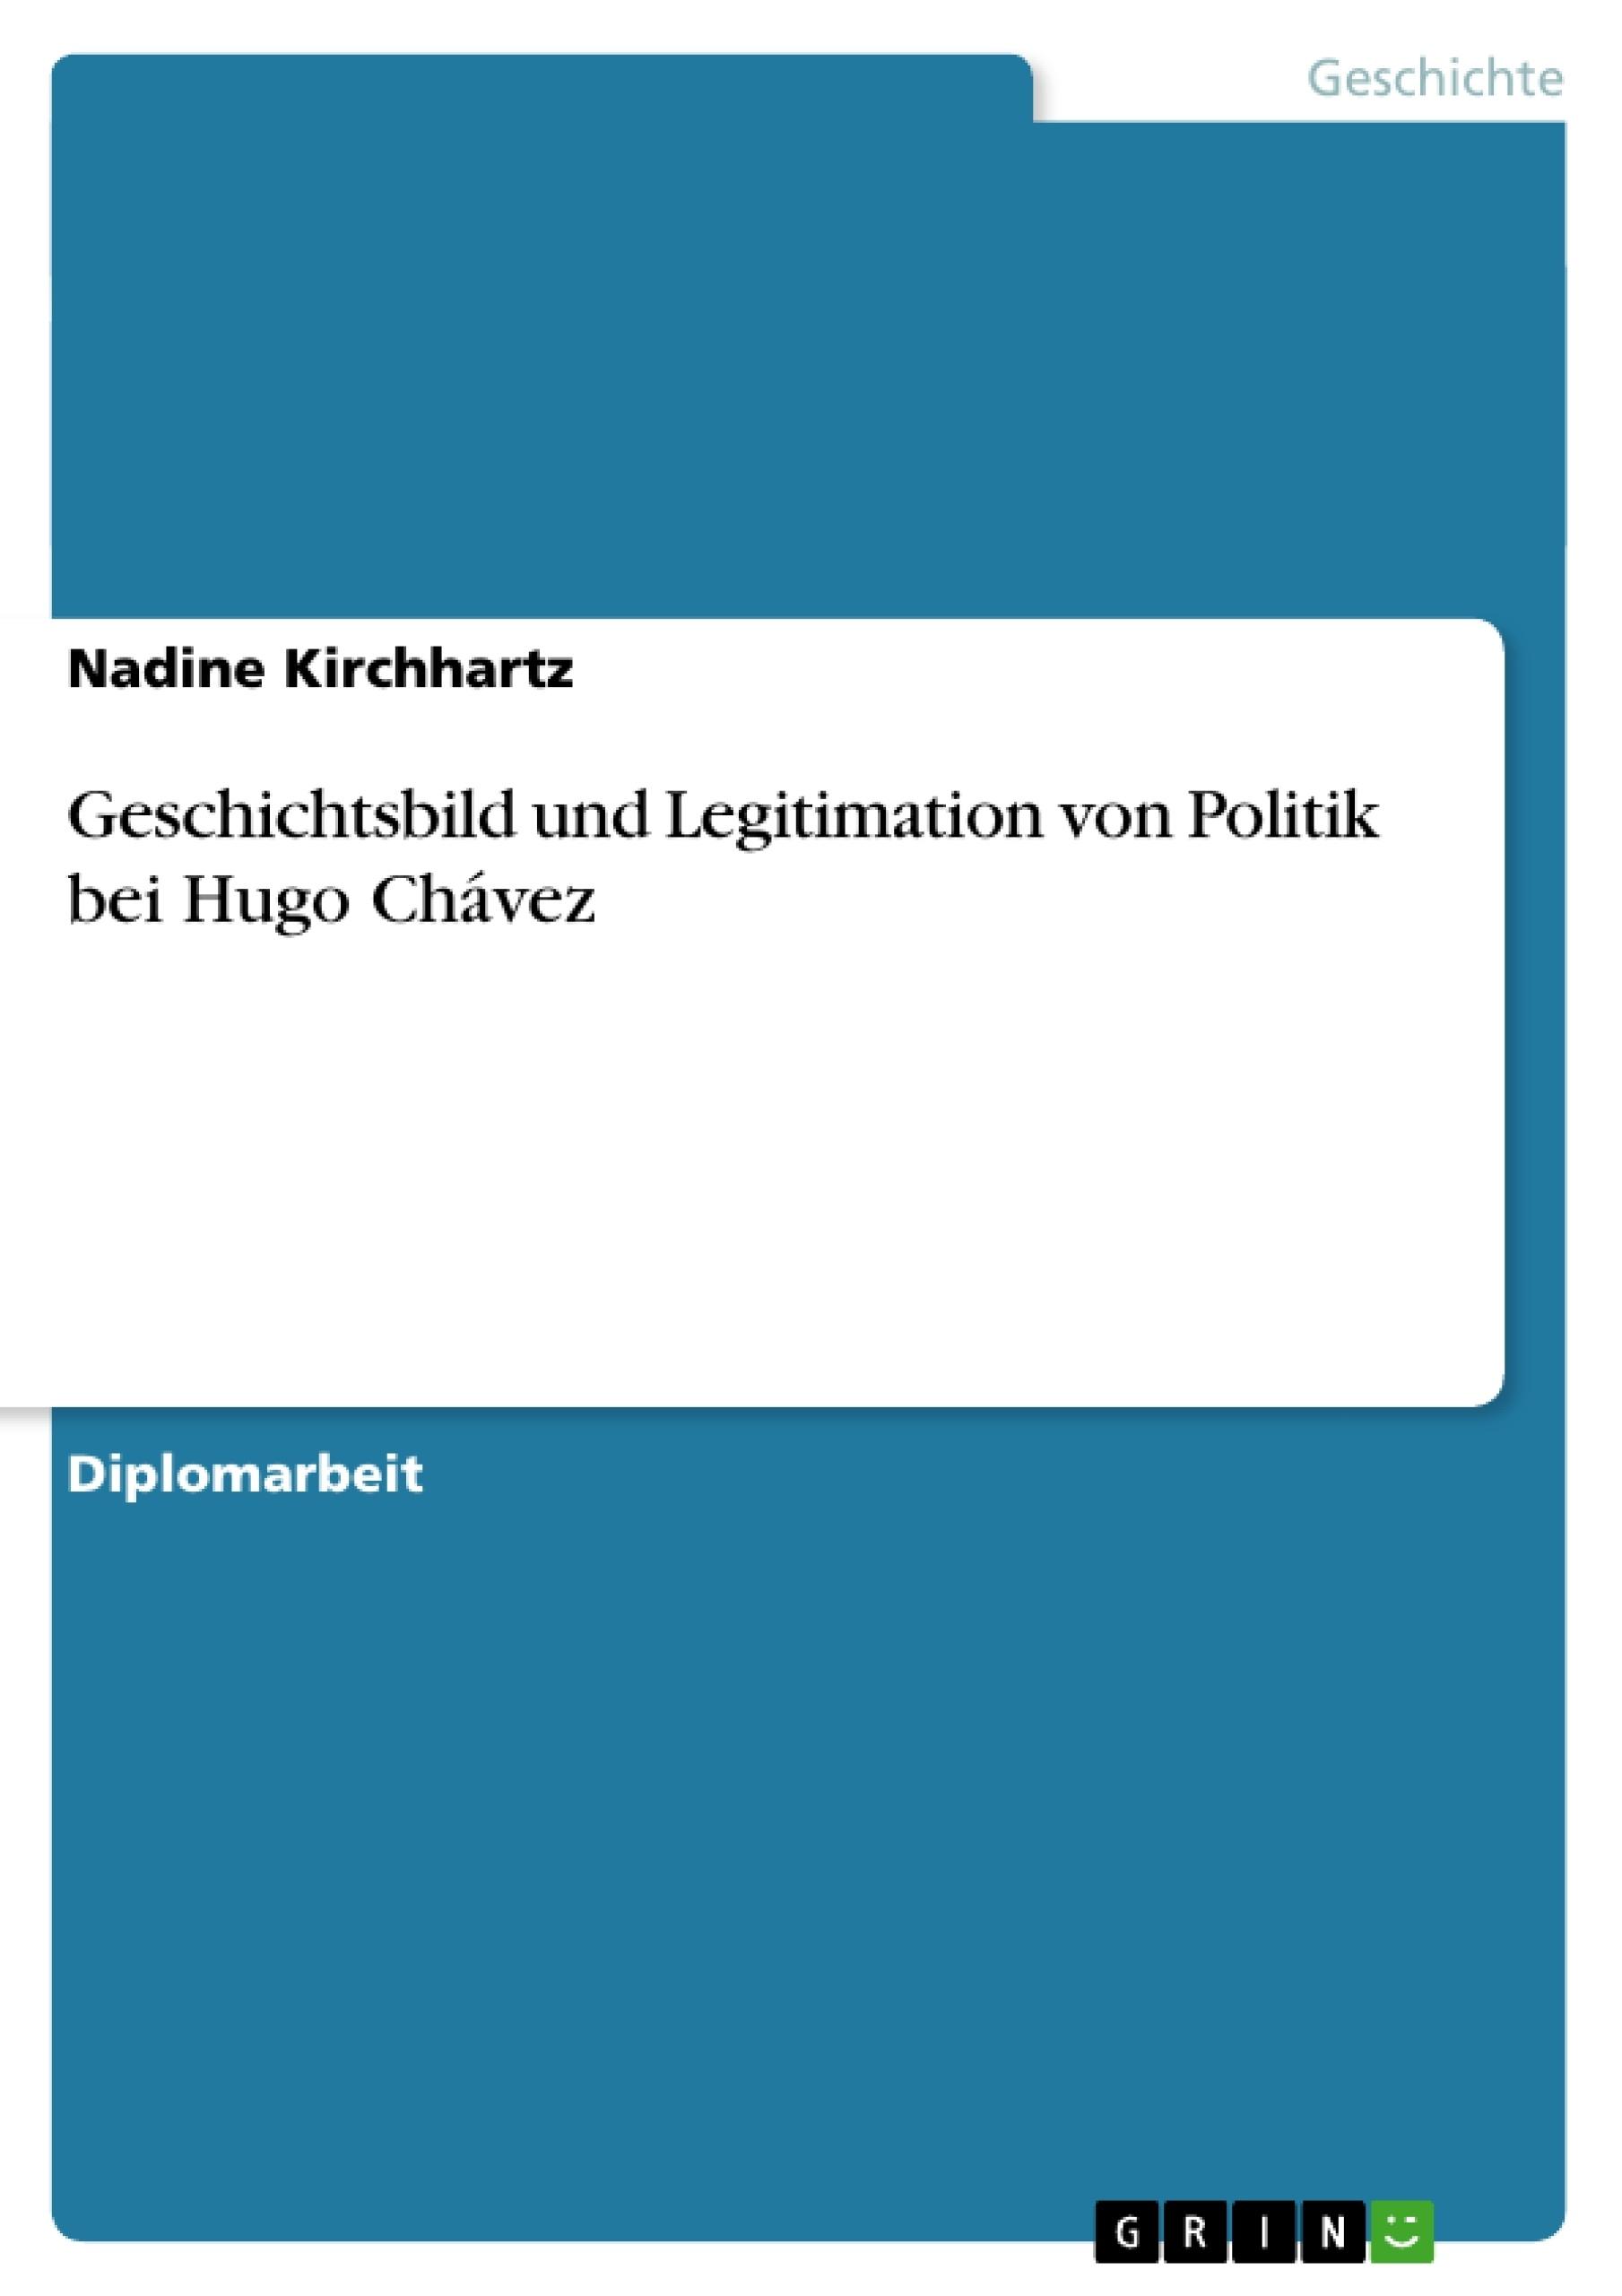 Titel: Geschichtsbild und Legitimation von Politik bei Hugo Chávez